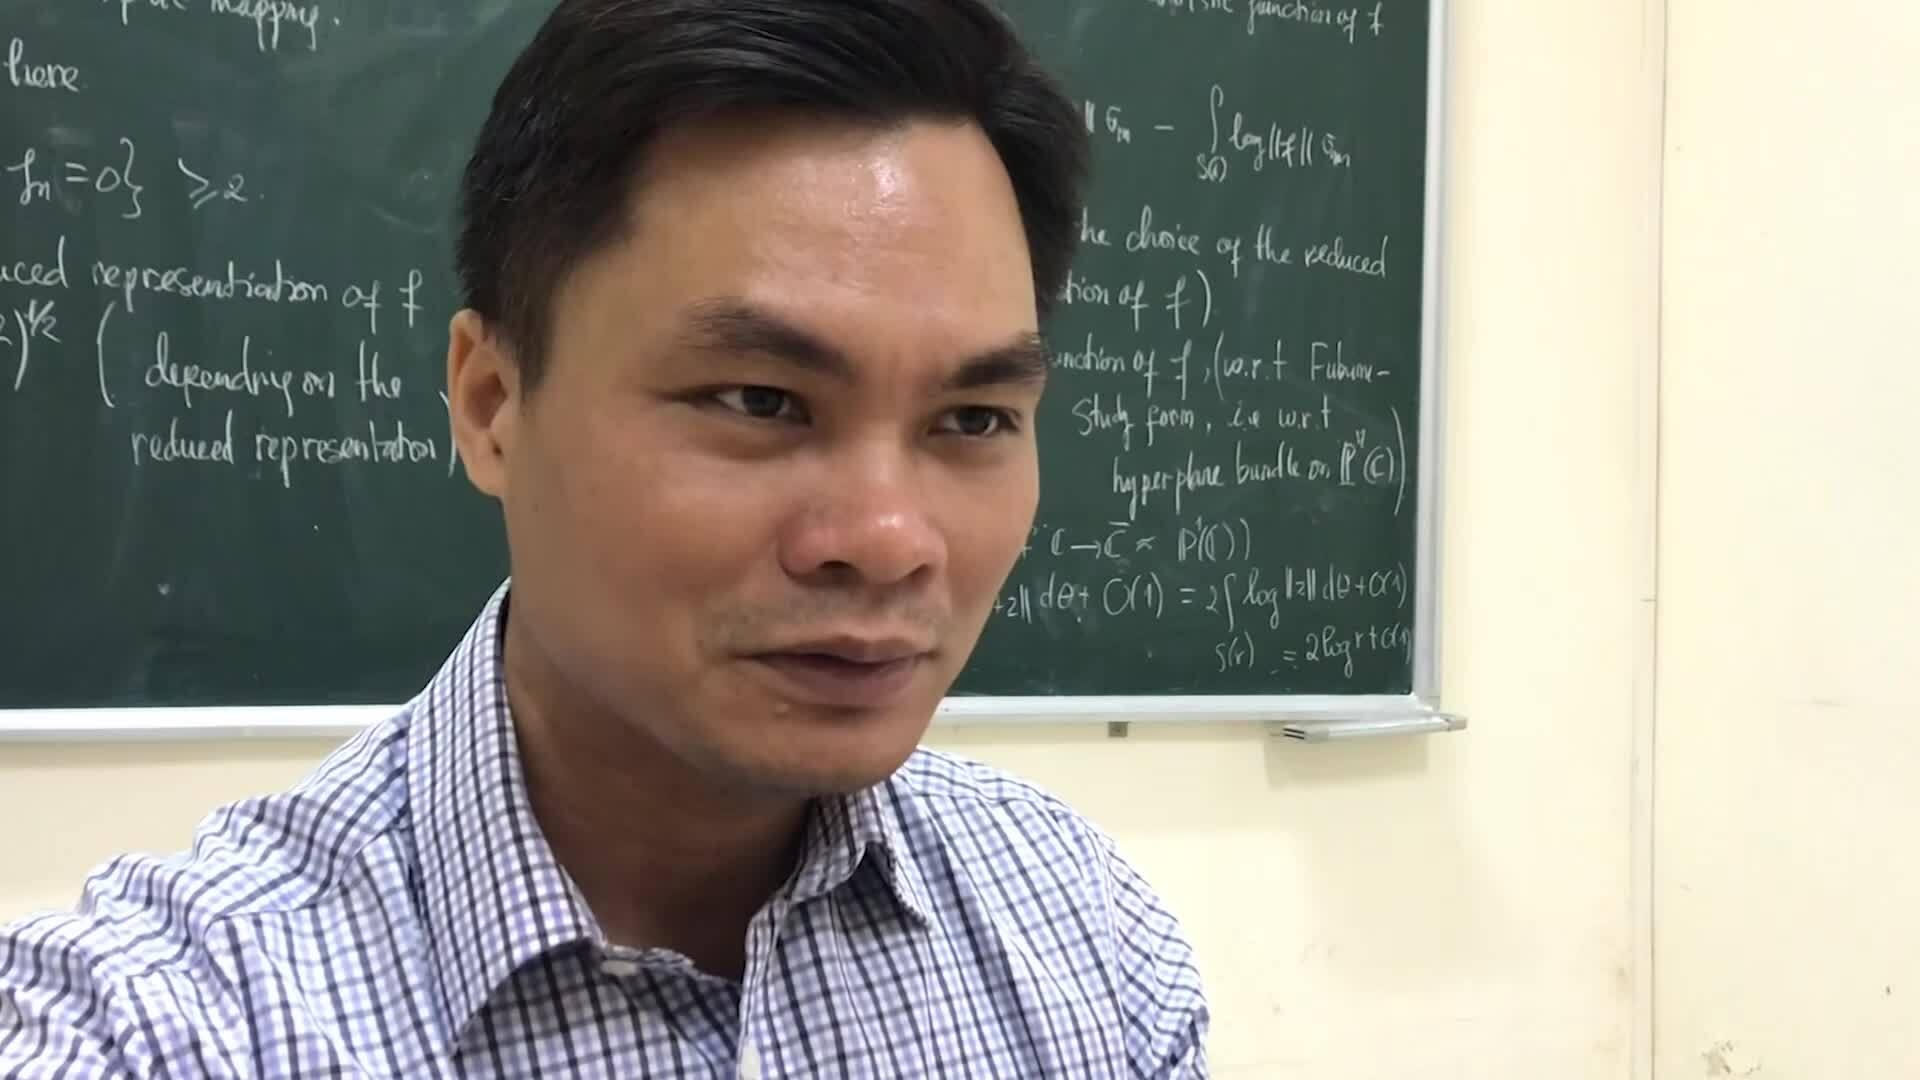 Con đường thành giảng viên Toán của giáo sư trẻ nhất năm 2019